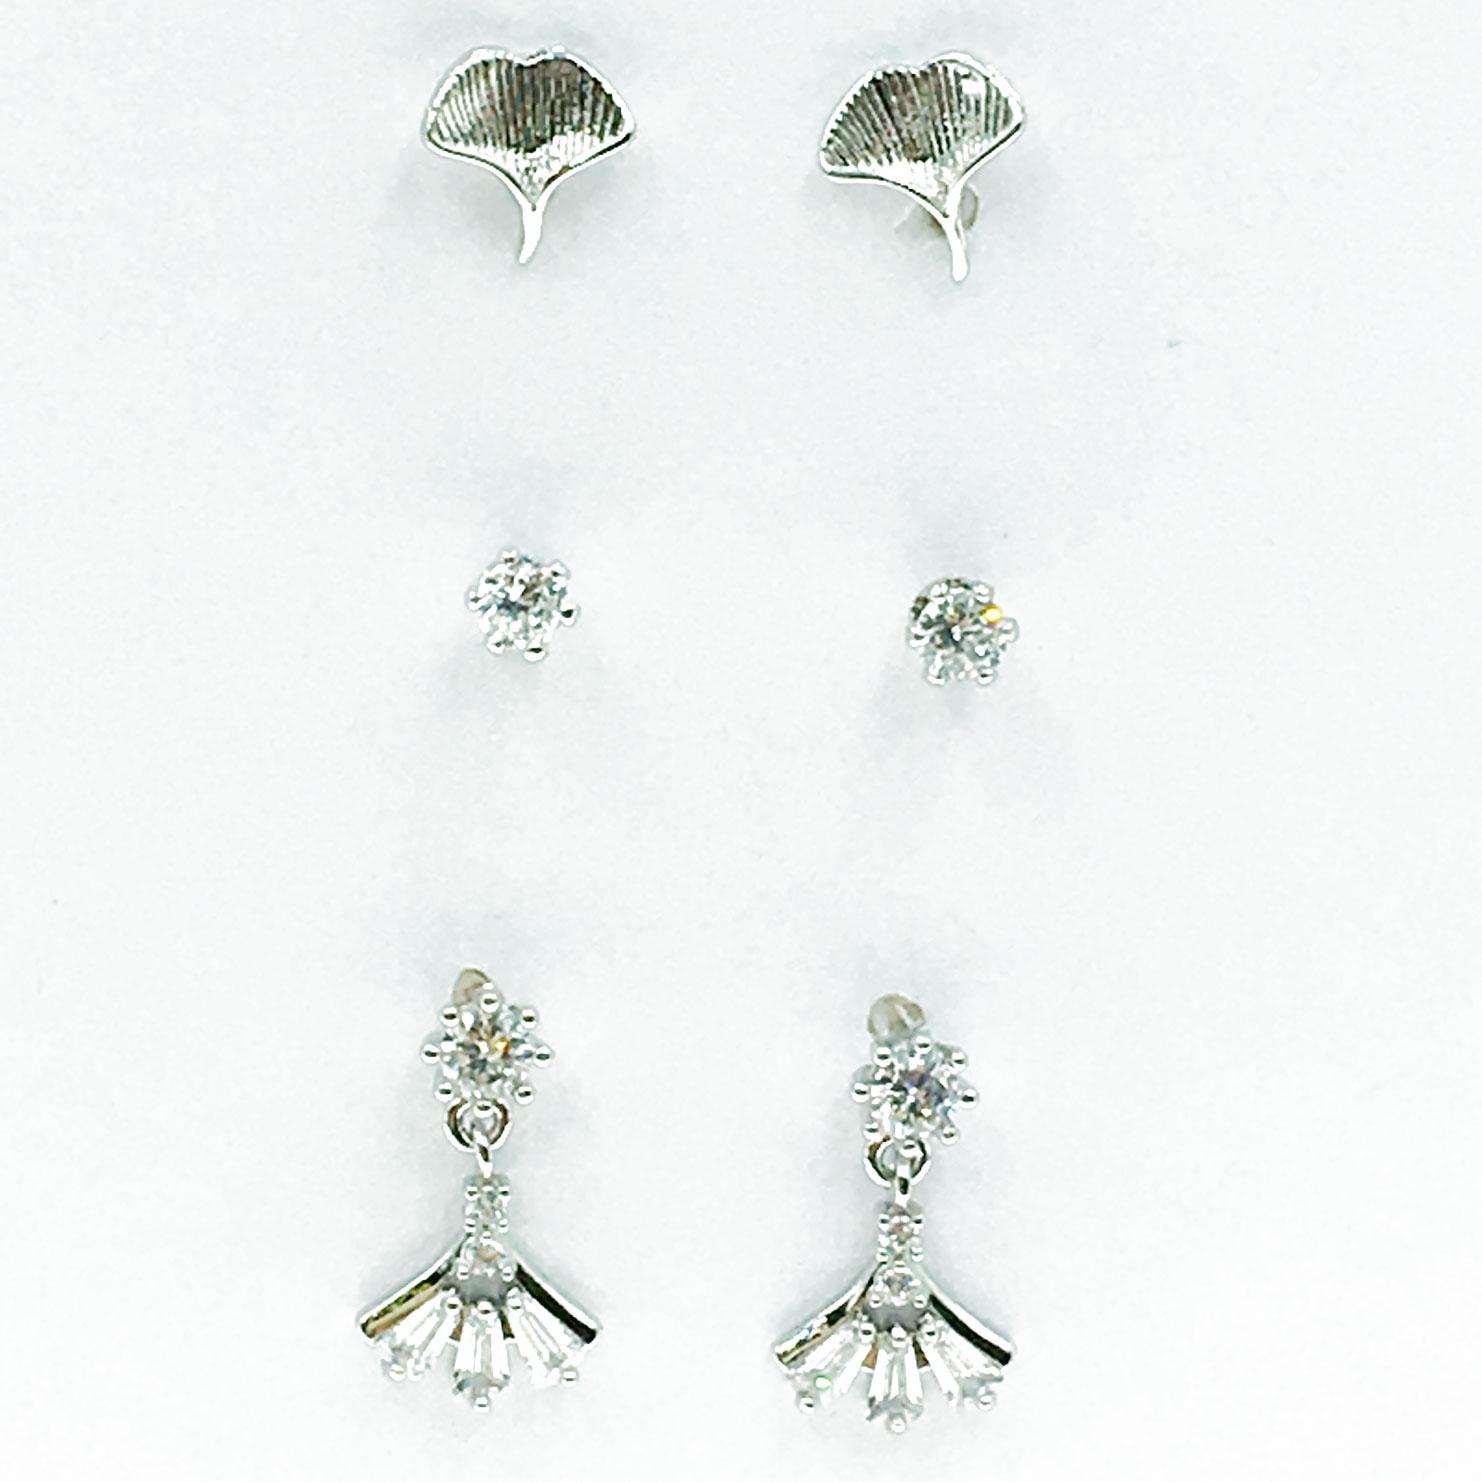 韓國 925純銀 水鑽 葉子 6入組 垂墜感 耳針式 耳環